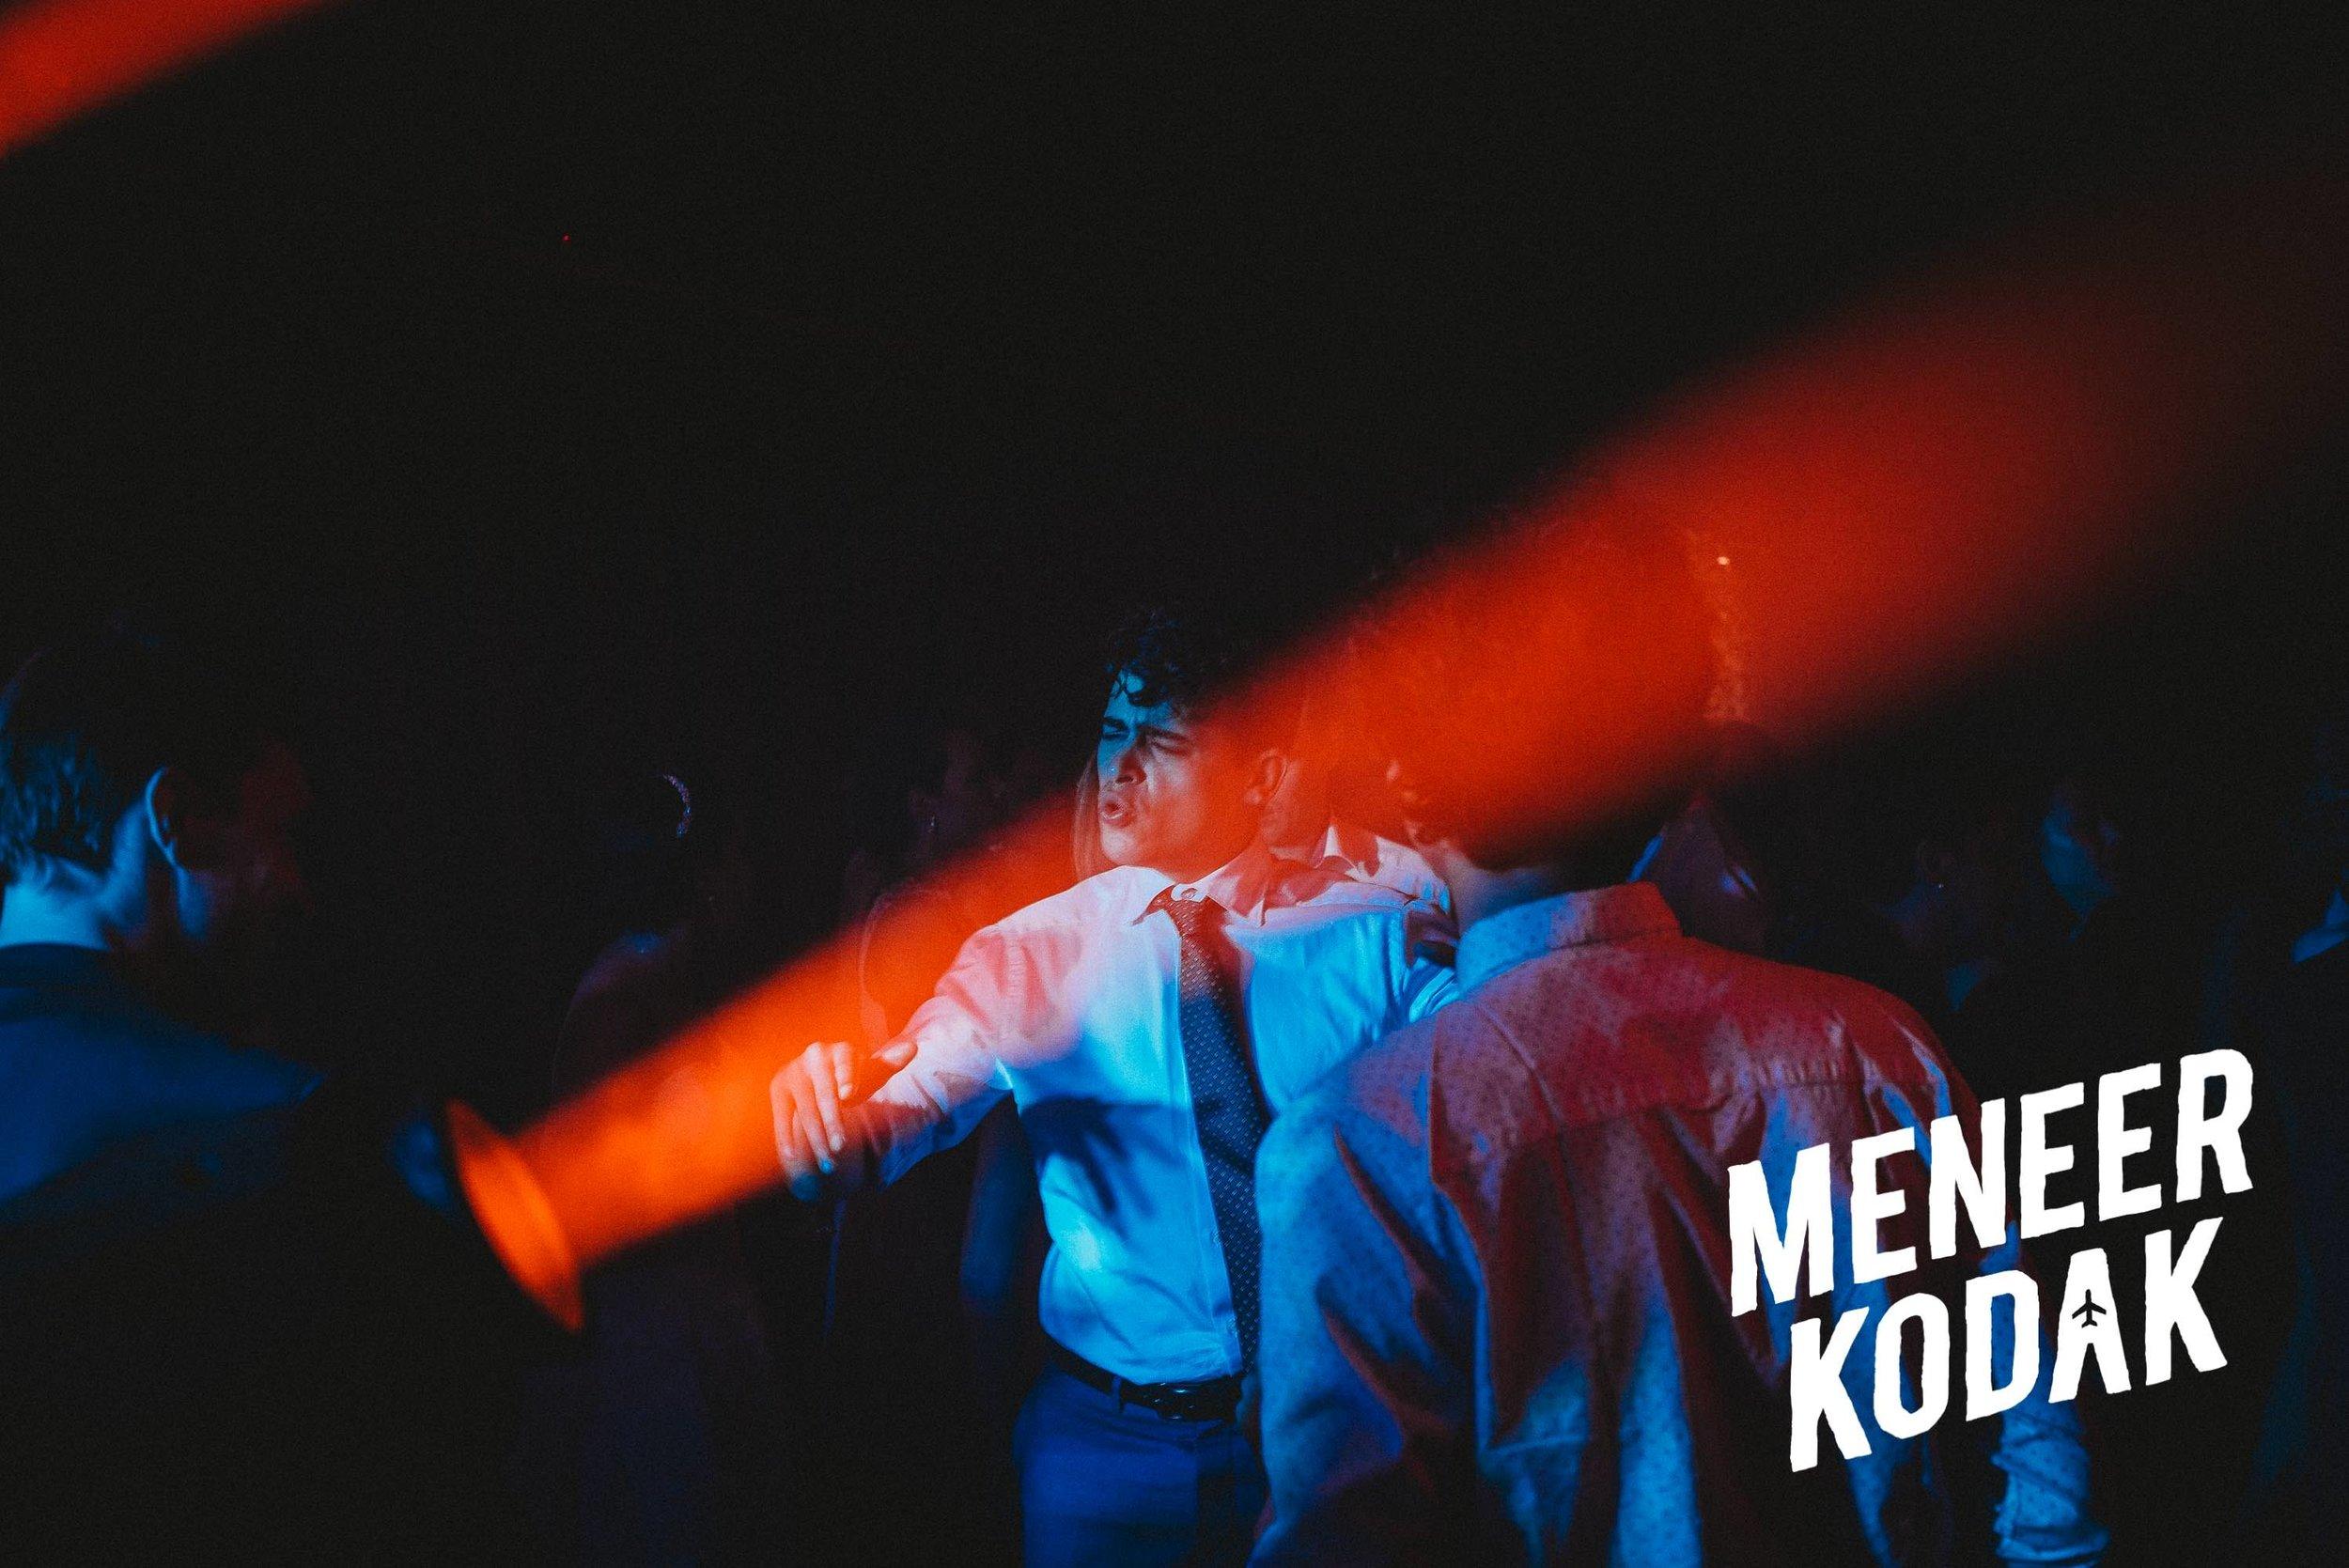 Meneer Kodak - Trouwfotograaf - Gent - D&T-070.jpg